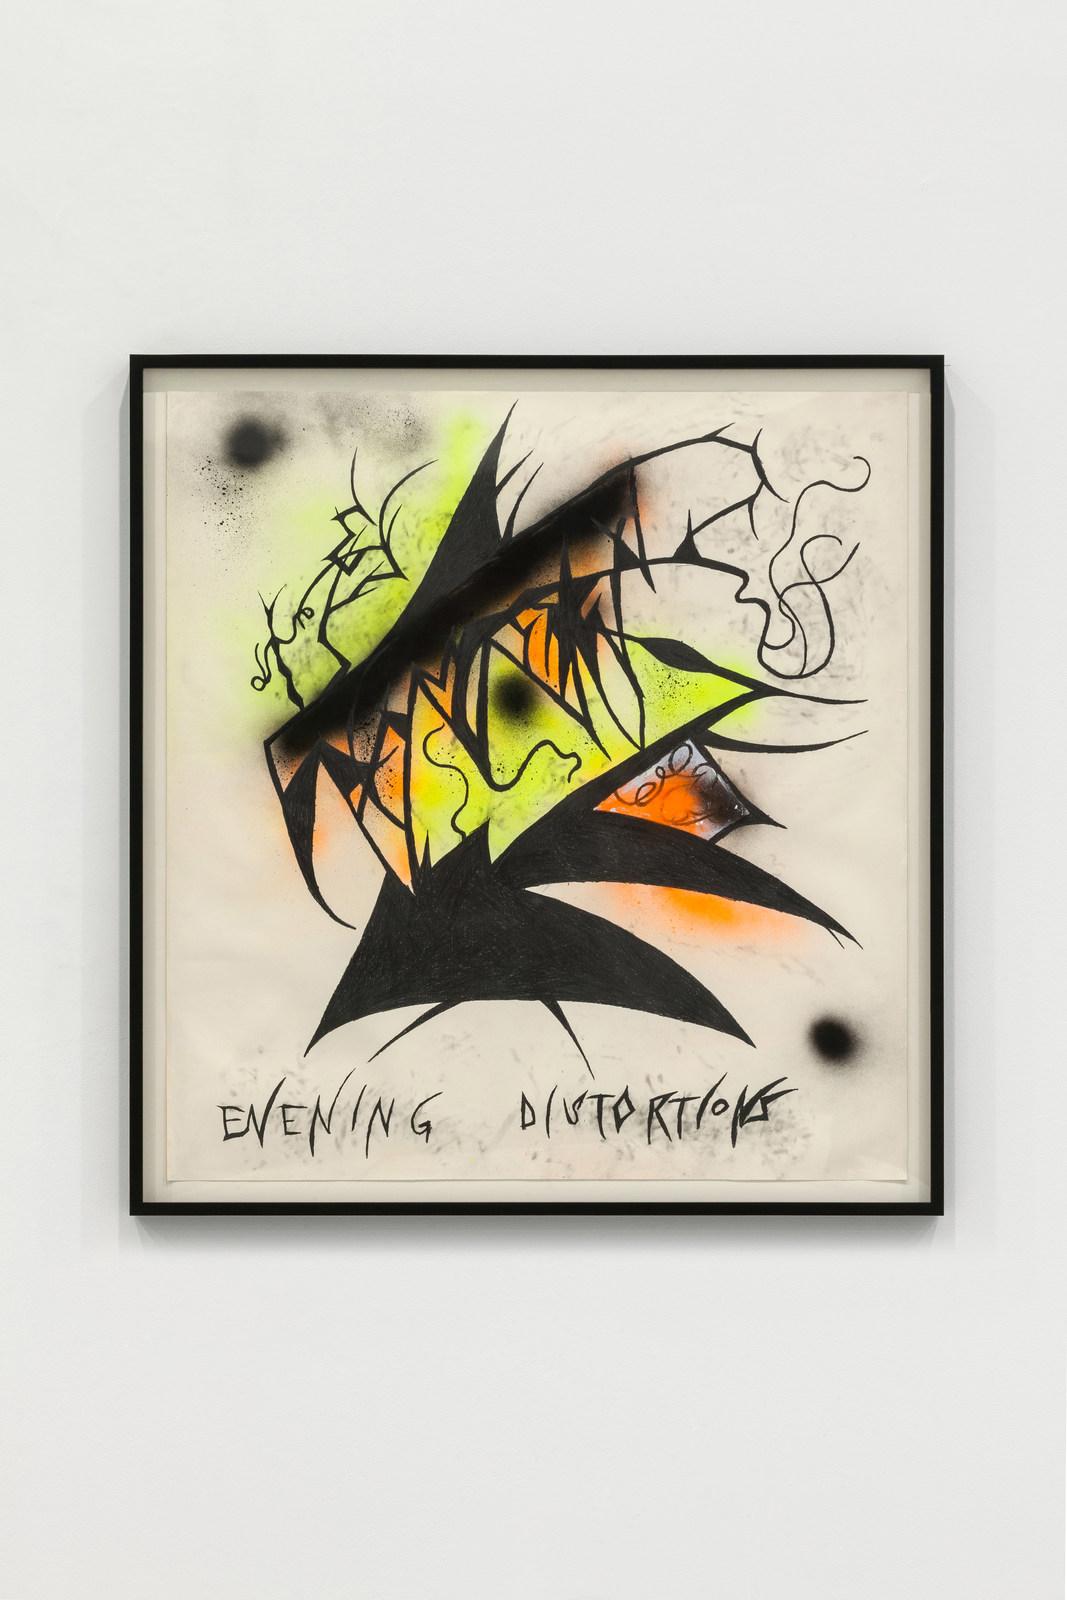 3_Evening Distortions_Greenspon_Austė